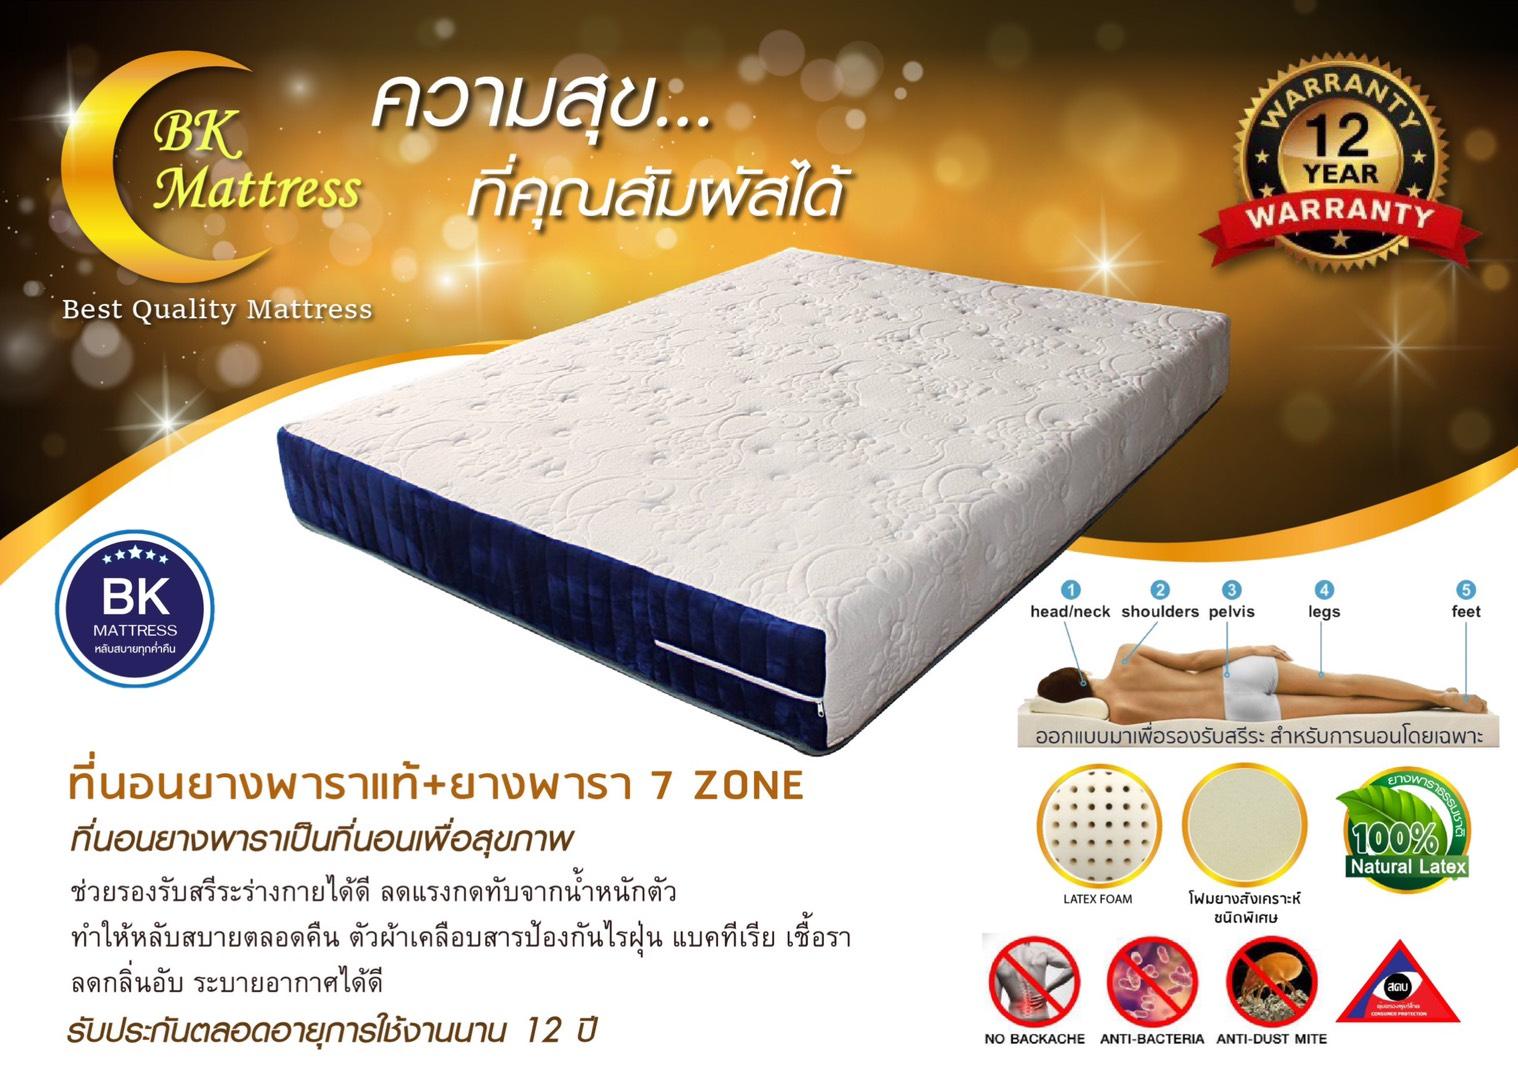 BK Mattress ที่นอนยางพาราแท้ + ยางพารา 7 ZONE